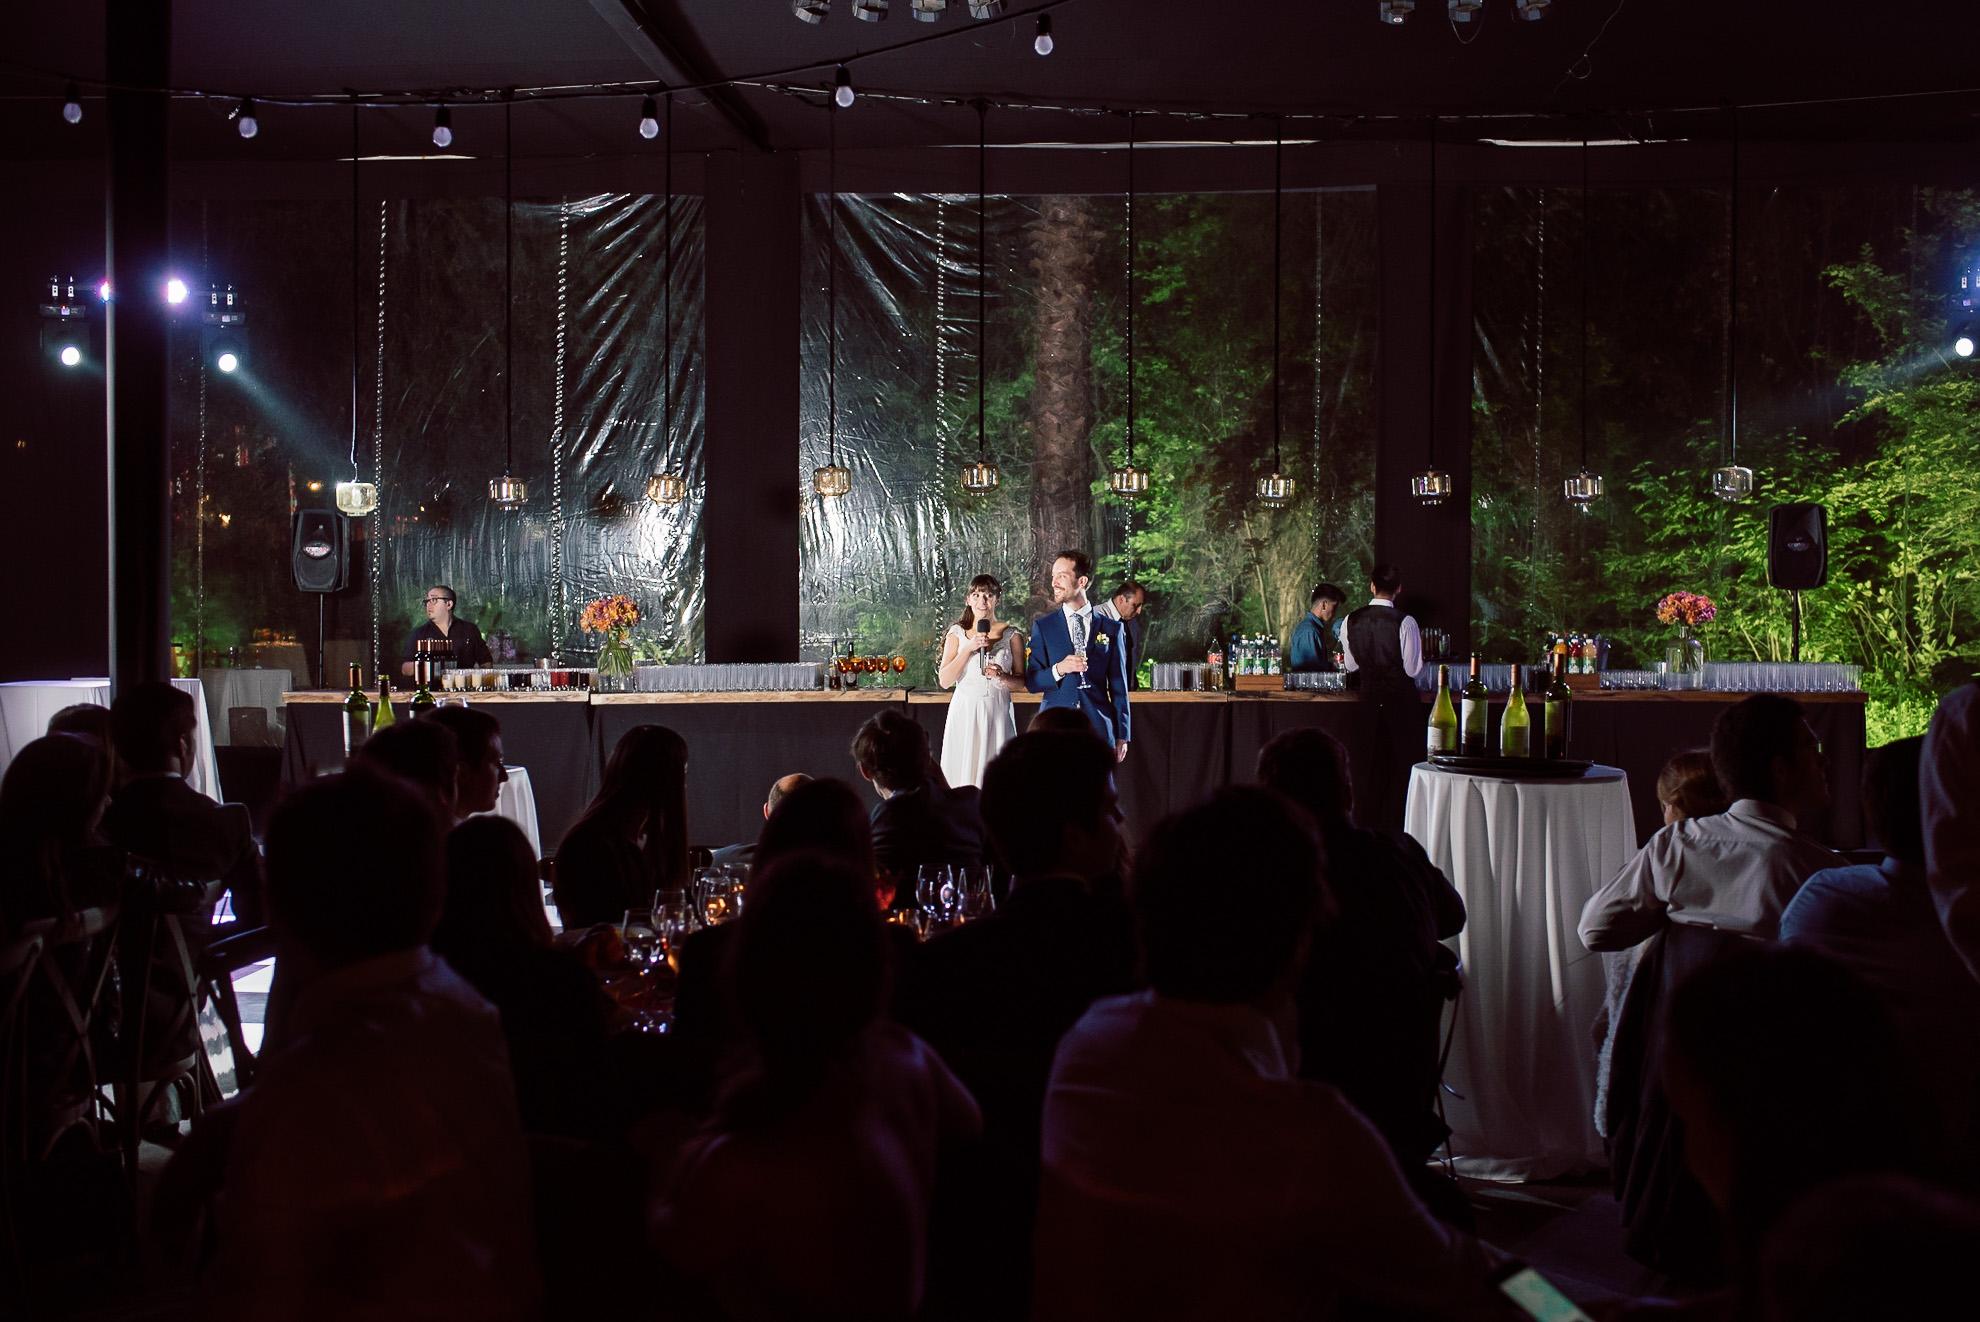 060_matrimonio casa parque nos.jpg